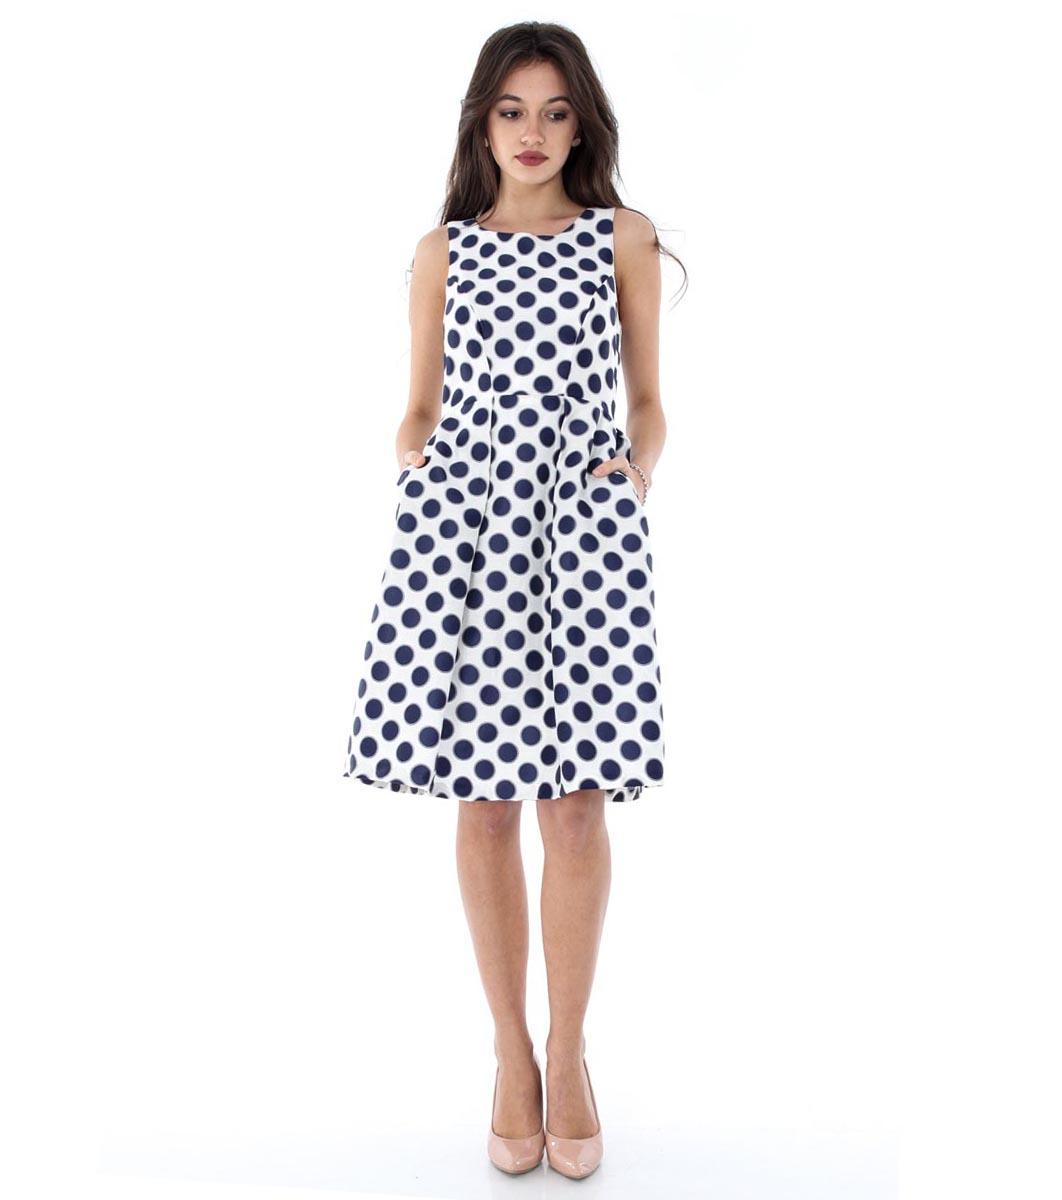 fca6de38204 Бяла рокля с точки в тъмносиньо - 1855841 - Fashion Supreme.co.uk